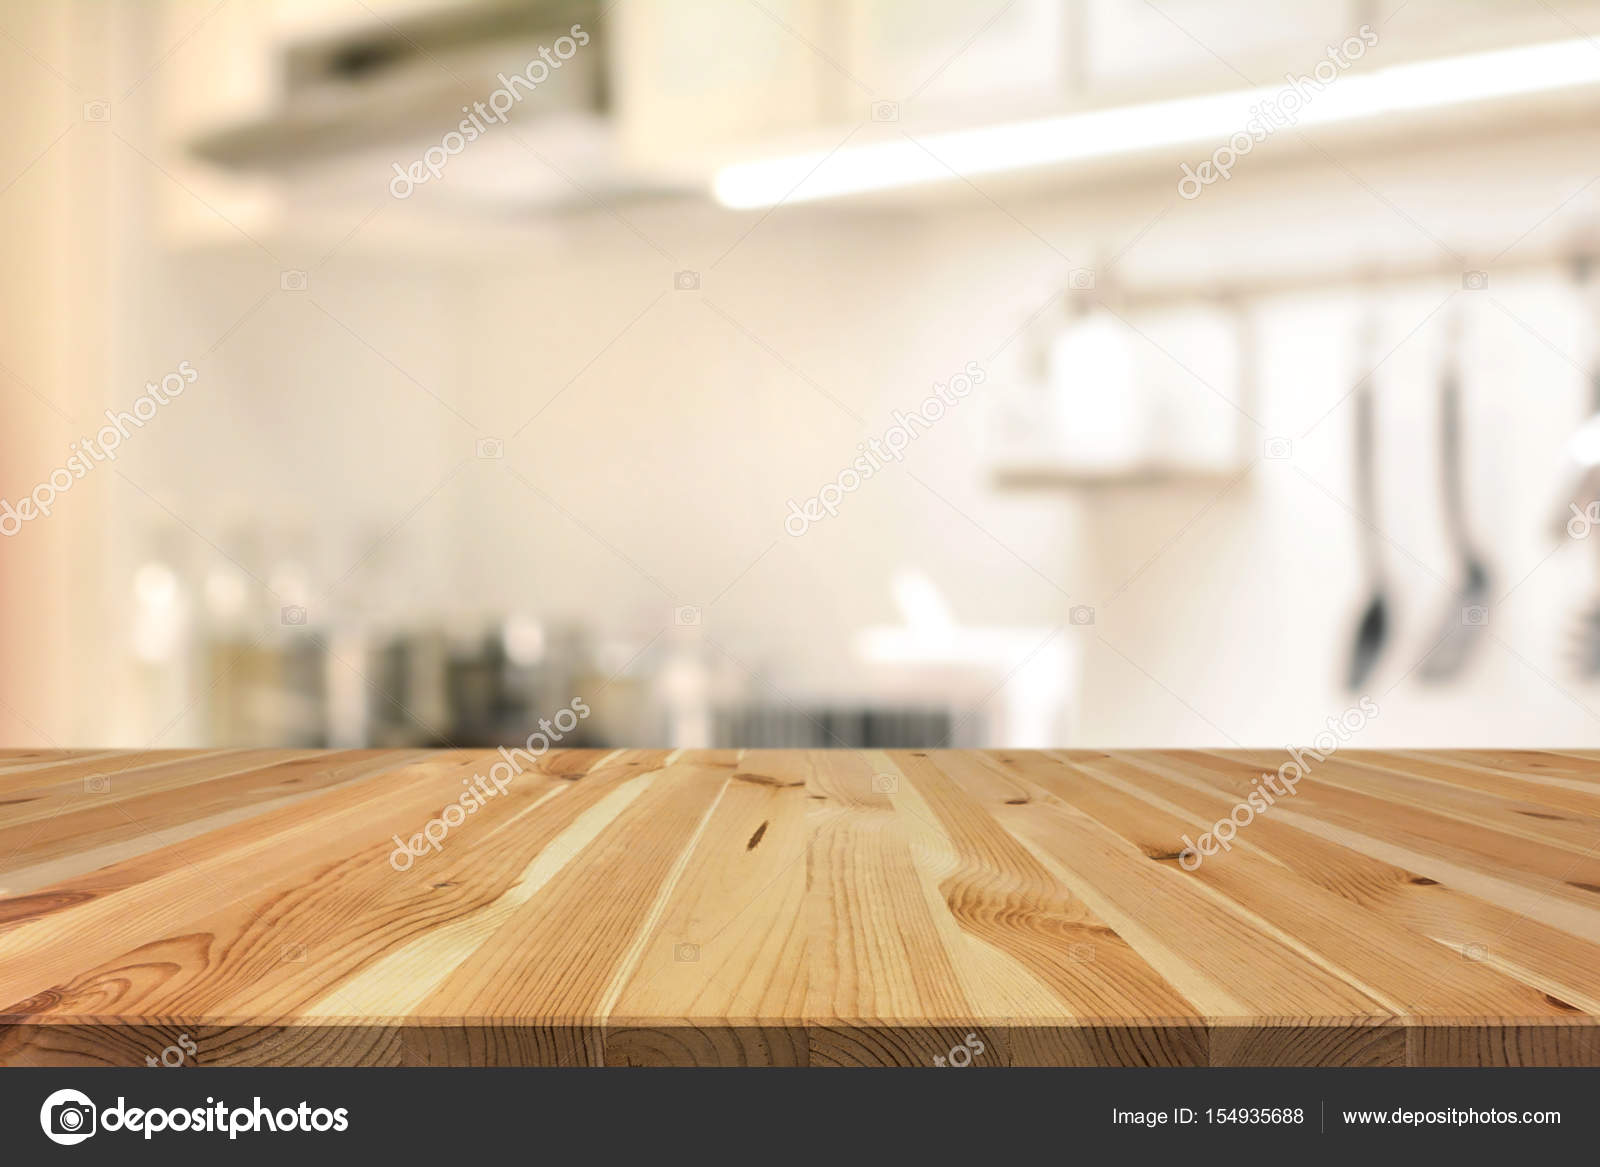 Kitchen Island Wallpaper